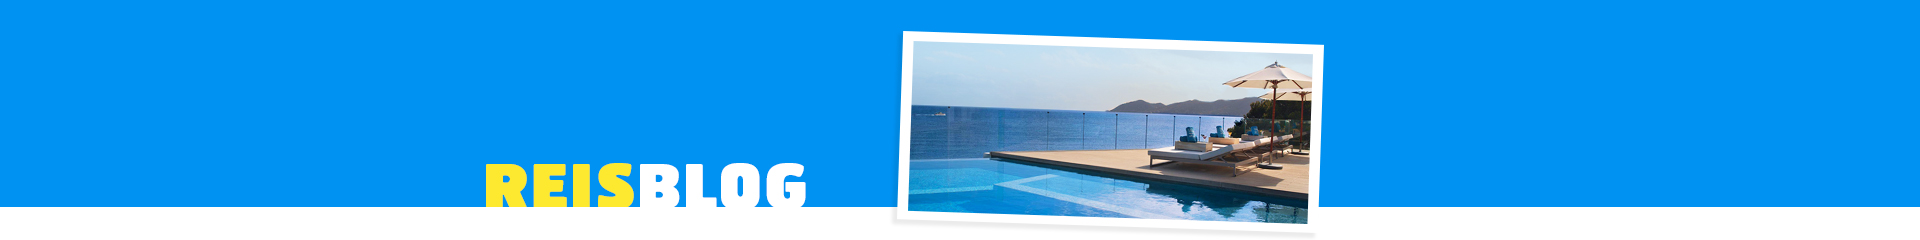 Hotel met een infinity zwembad, uitkijkend over de zee en bergen